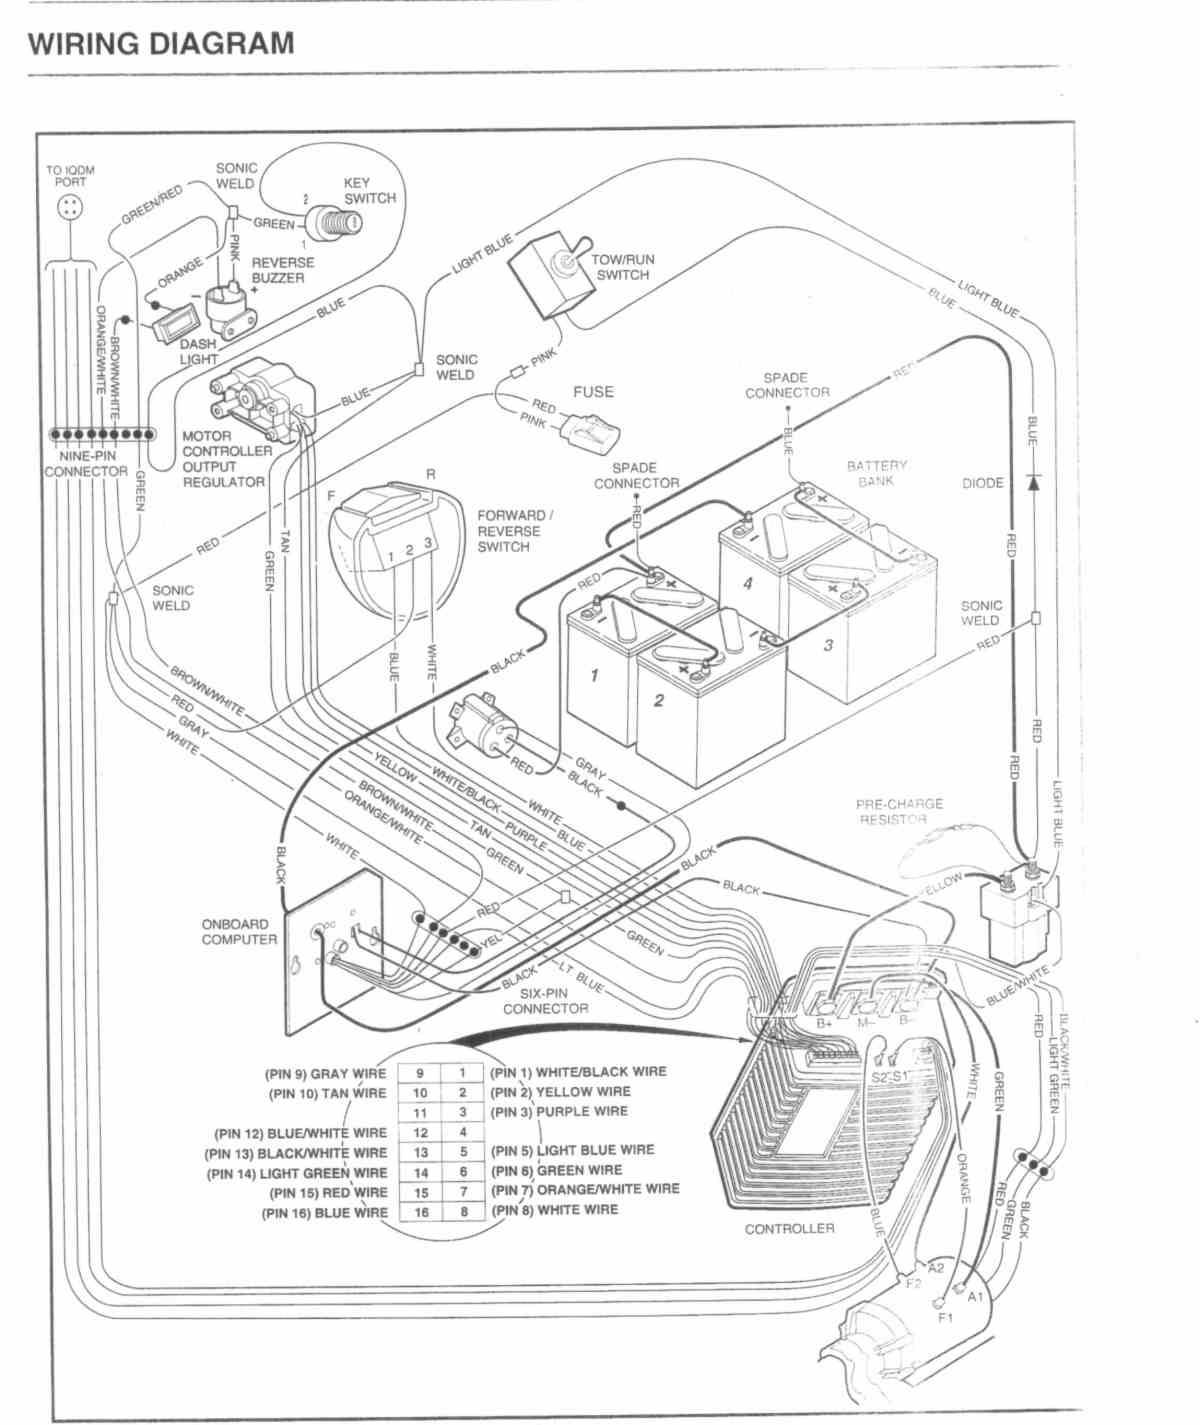 36 Volt Club Car Wiring Diagram Precedent | Manual E-Books - 2008 Club Car Precedent Wiring Diagram